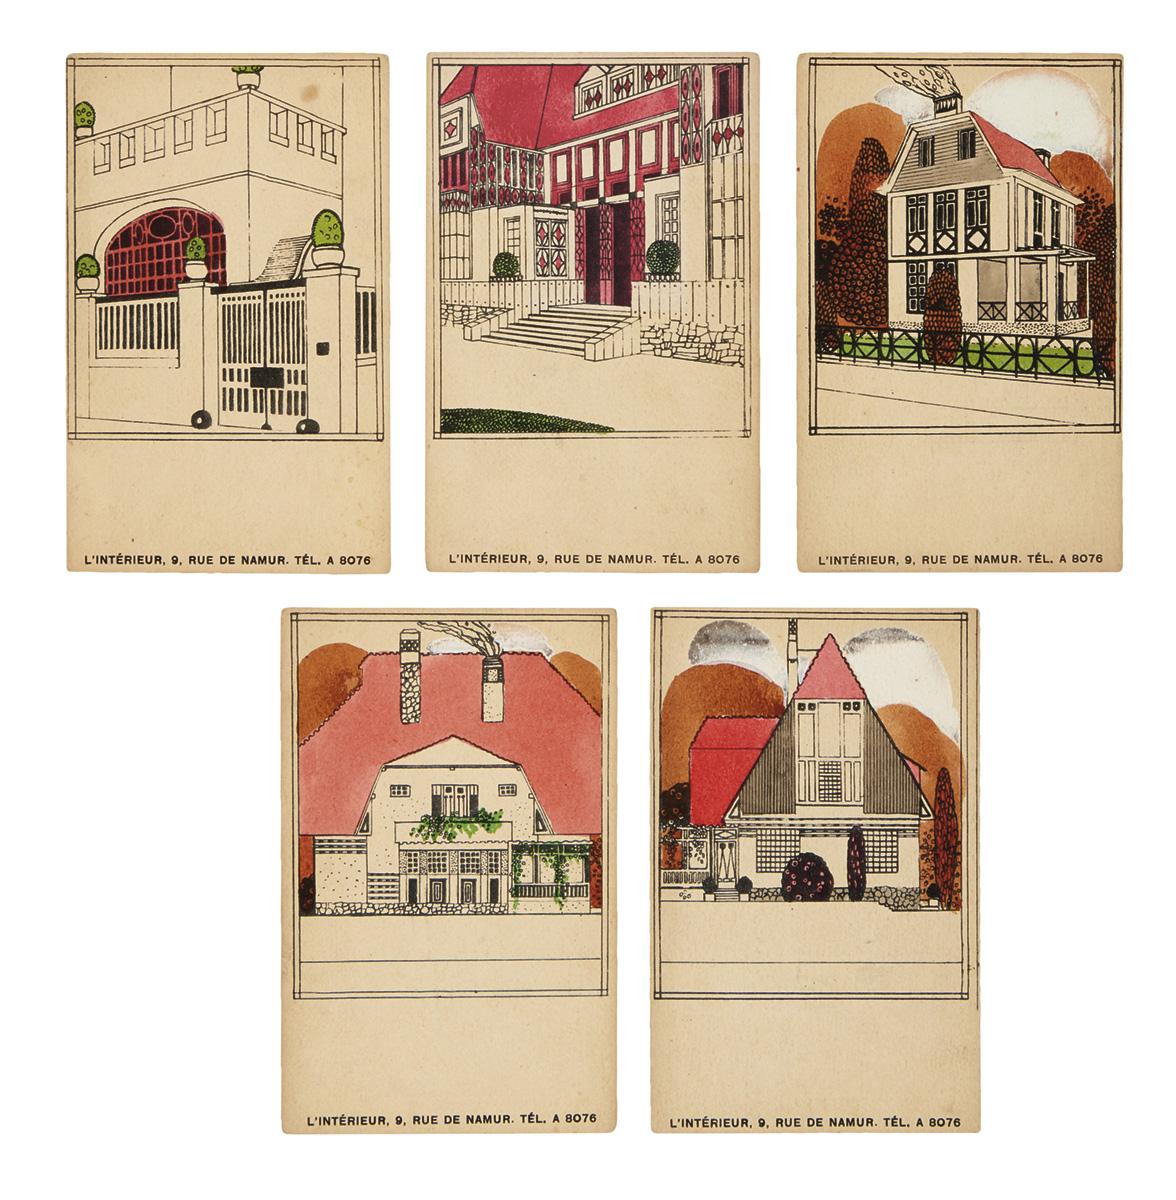 (DESIGN / ARCHITECTURE.) Sneyers, Léon. Group of 15 publicity postcards for lIntérieur.